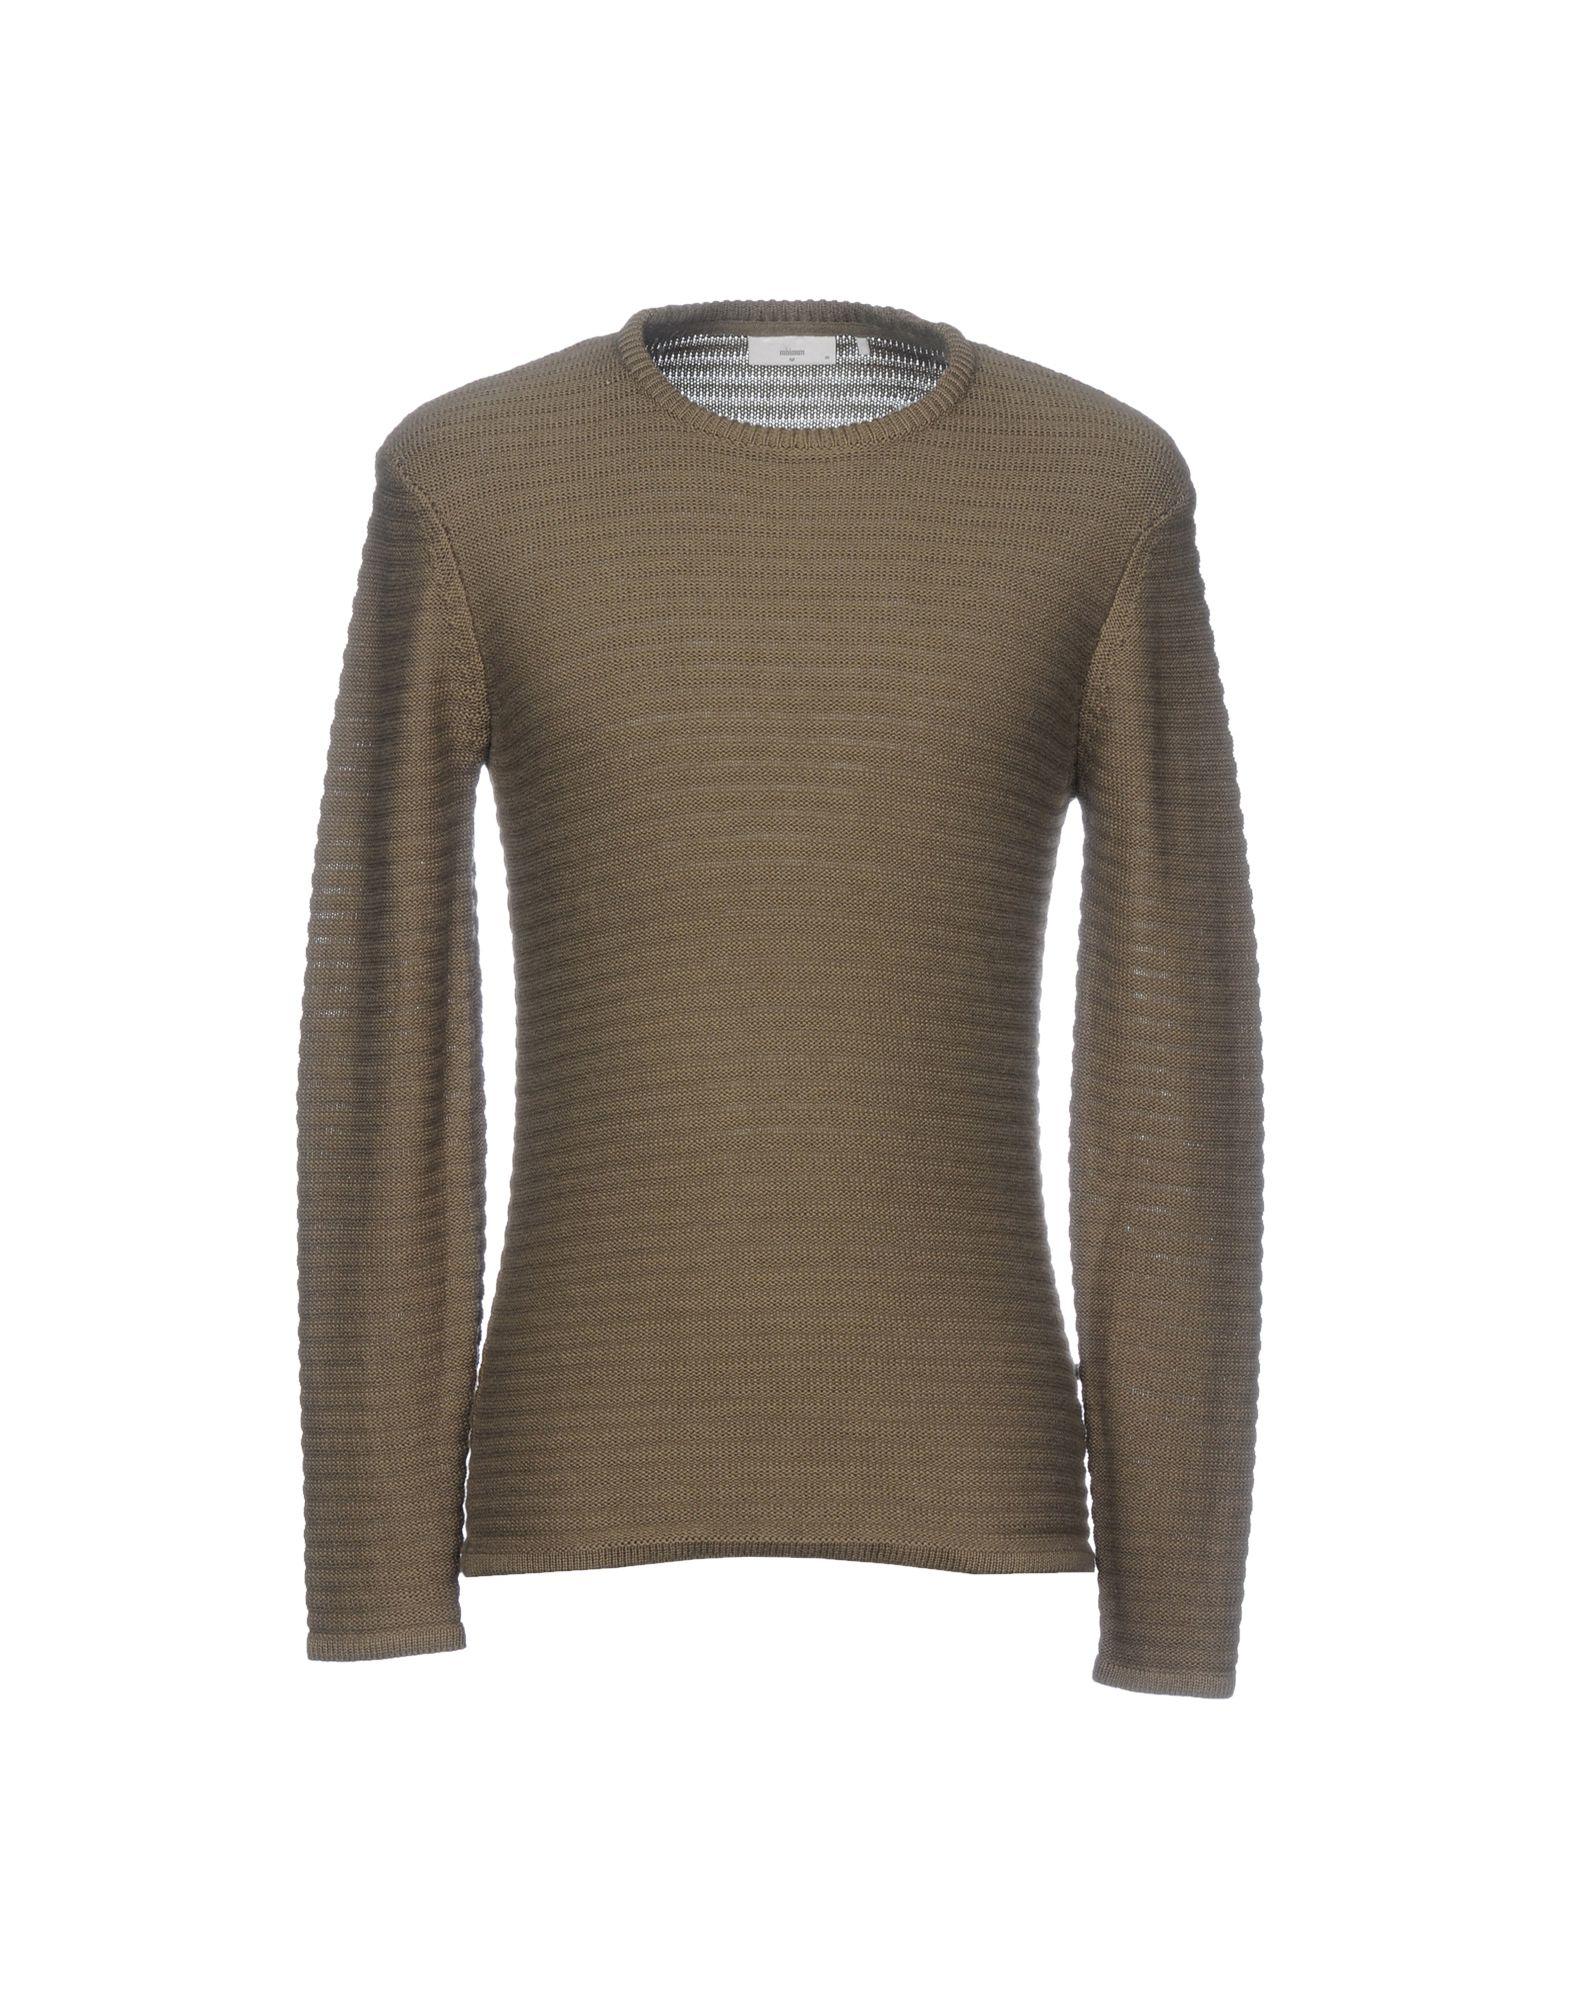 MINIMUM Sweaters - Item 39875373